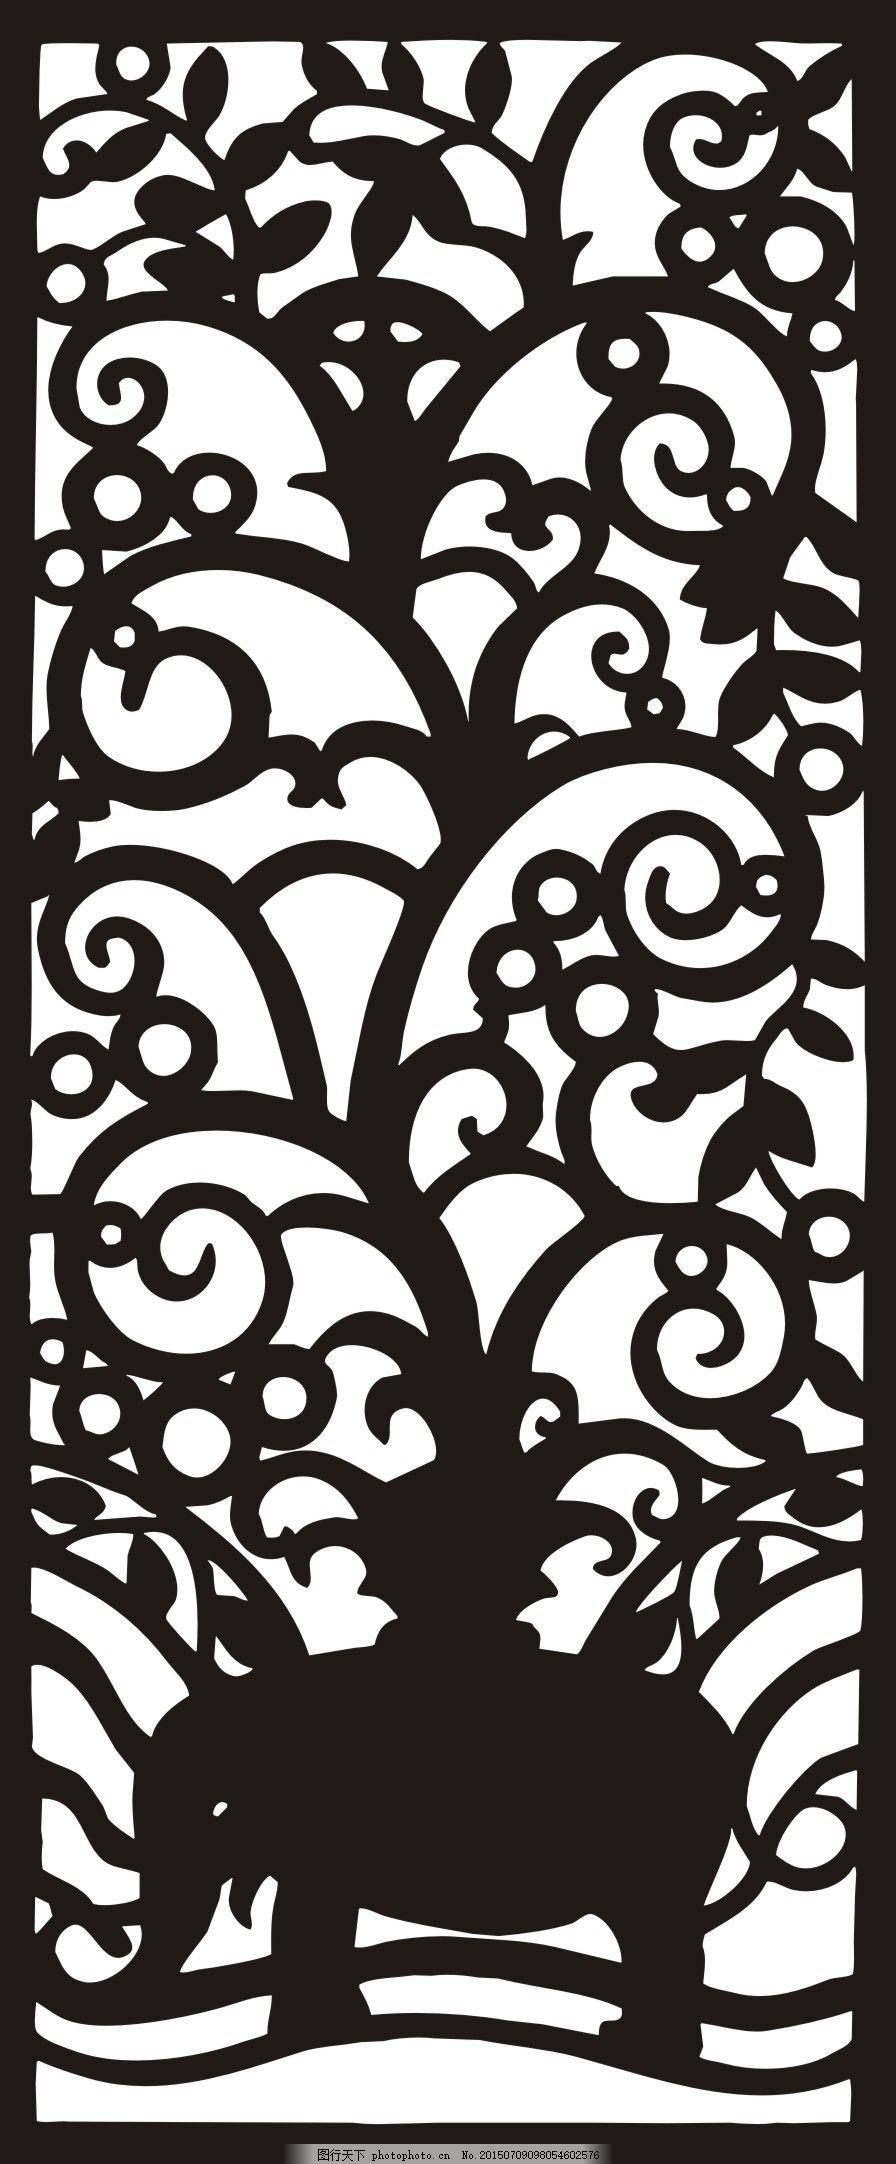 矢量镂空雕刻移门花 镂空花纹图案 镂空雕刻镂空隔断室内镂空隔断欧式